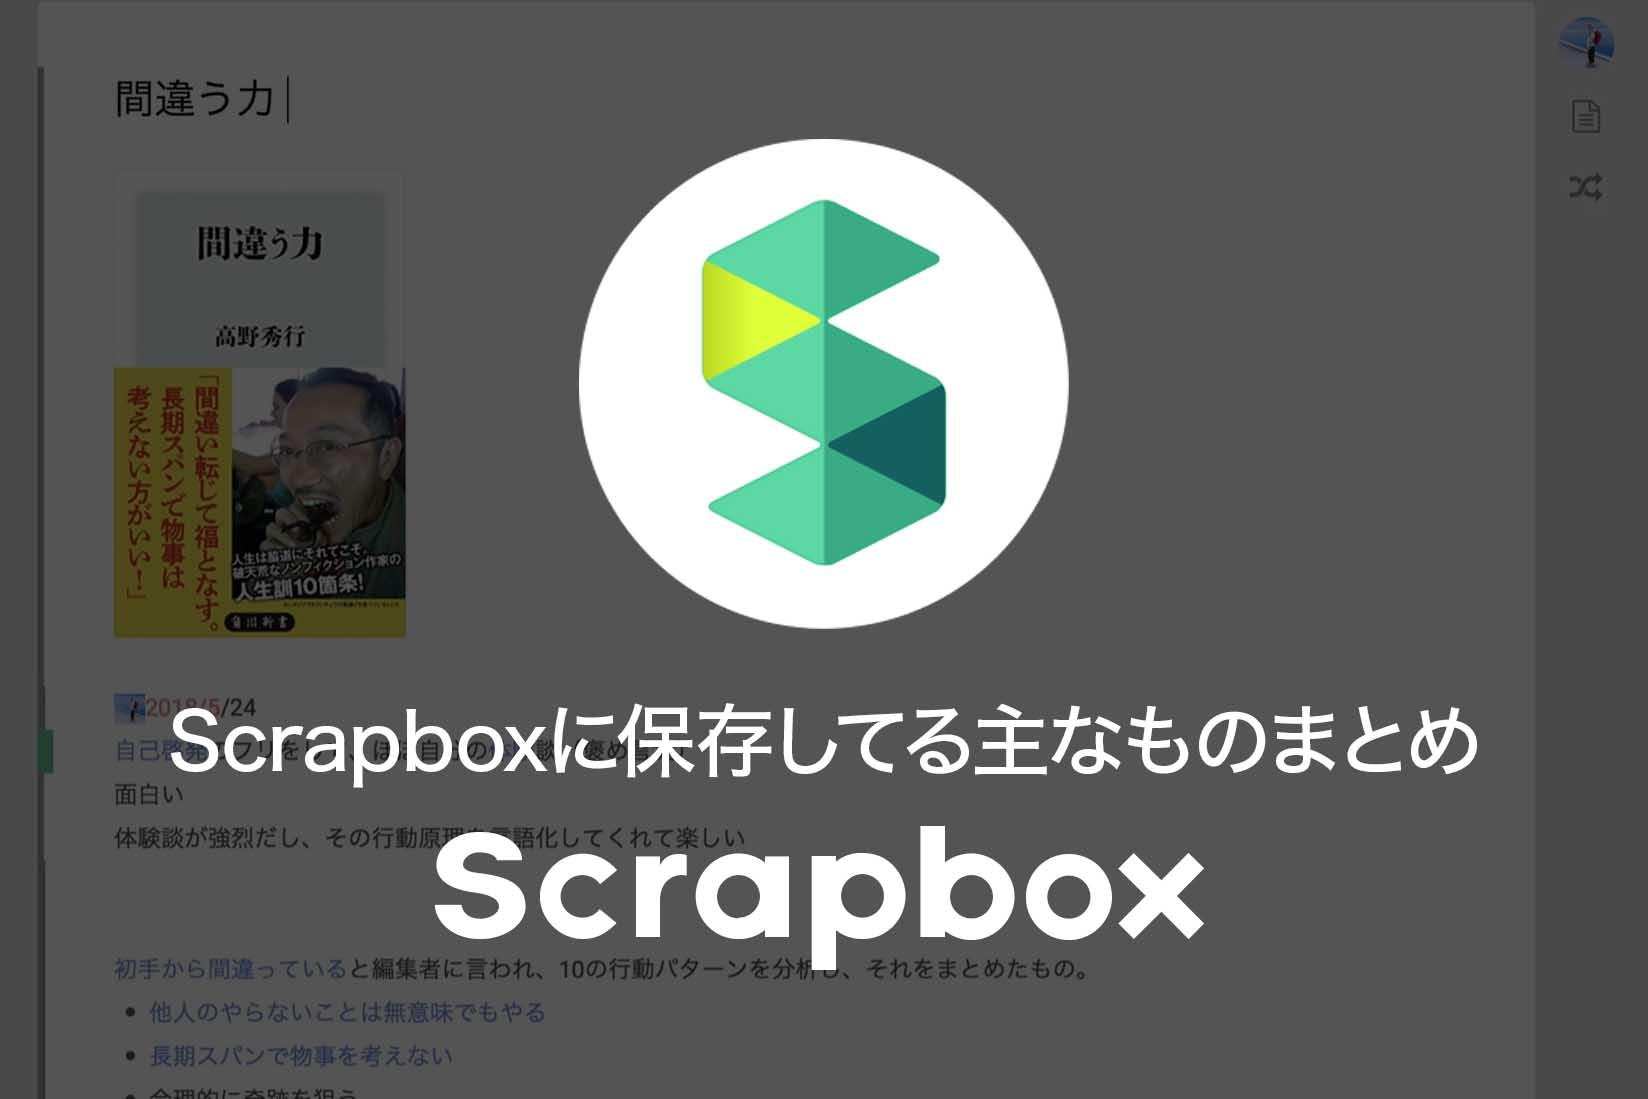 最近Scrapboxに保存してる主なものまとめ